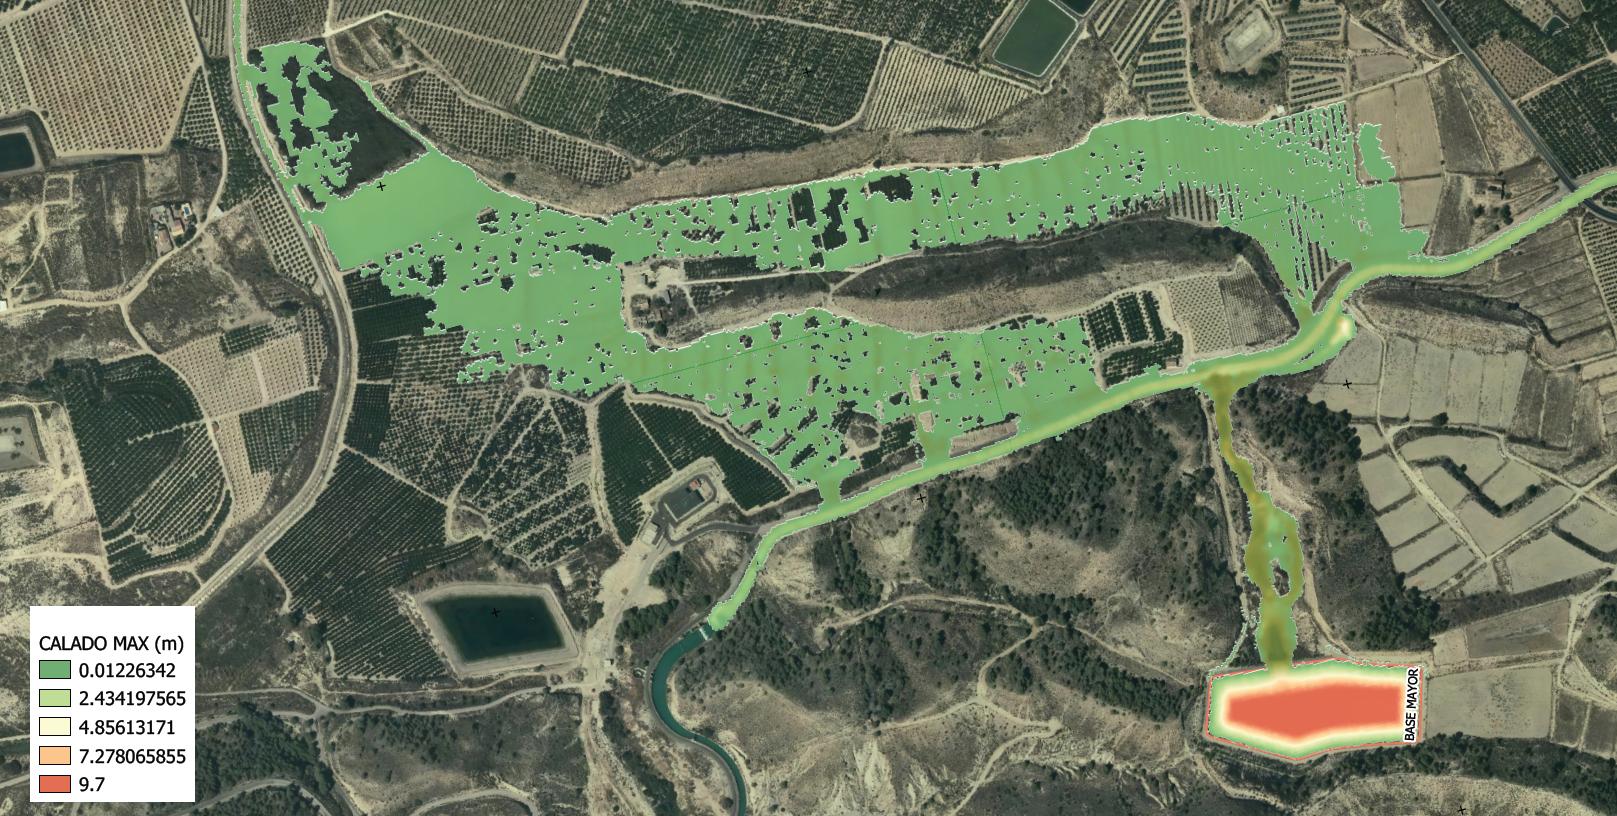 Simulación hidráulica de los calados máximos de agua de la zona potencialmente inundable